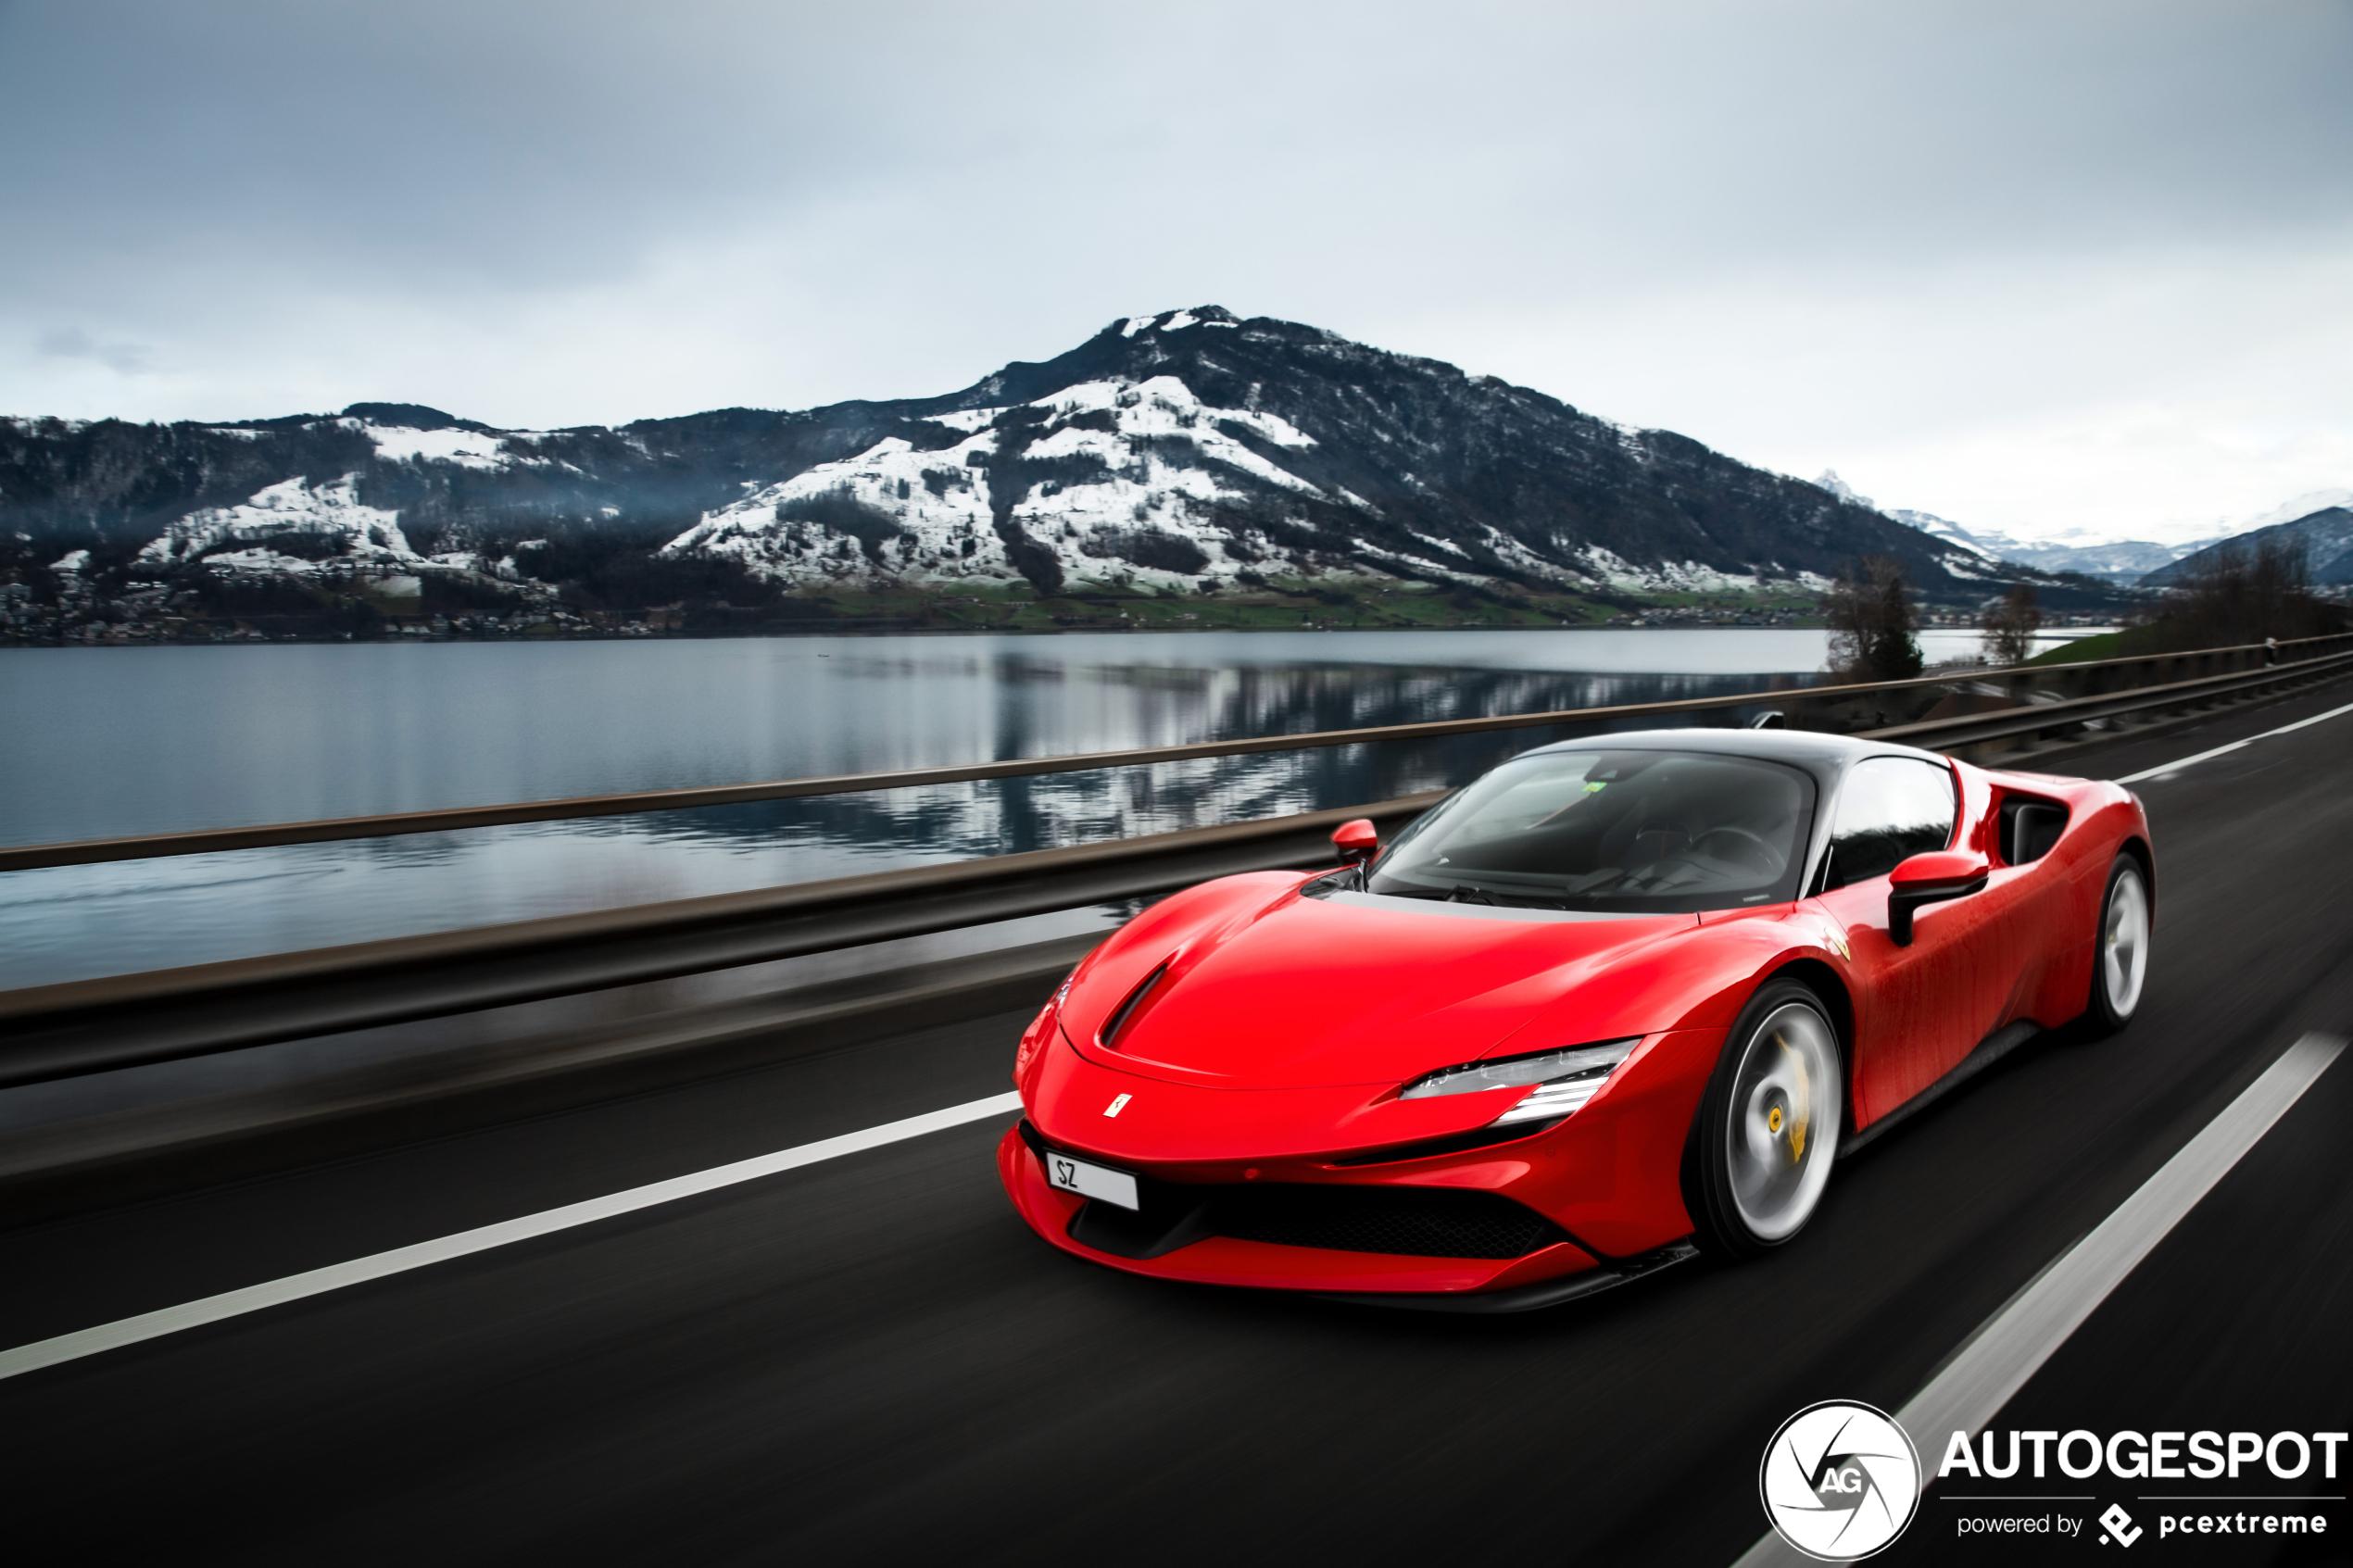 Zo lekker zagen we de Ferrari SF90 Stradale nog niet eerder!